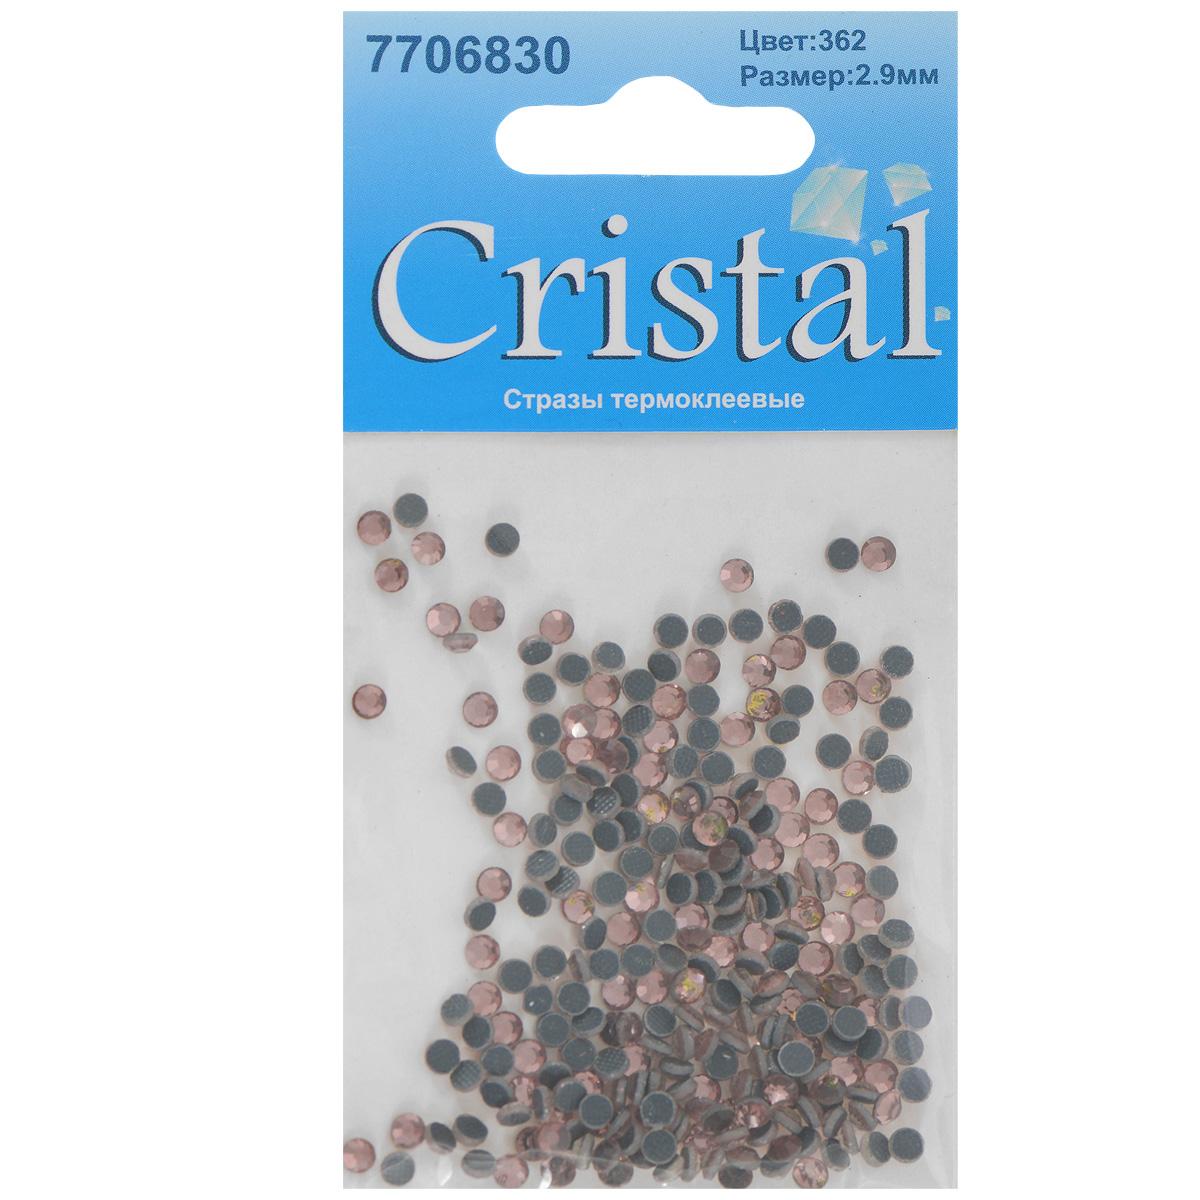 Стразы термоклеевые Cristal, цвет: светло-коралловый (362), диаметр 2,9 мм, 288 шт7706830_362Набор термоклеевых страз Cristal, изготовленный из высококачественного акрила, позволит вам украсить одежду, аксессуары или текстиль. Яркие стразы имеют плоское дно и круглую поверхность с гранями.Дно термоклеевых страз уже обработано особым клеем, который под воздействием высоких температур начинает плавиться, приклеиваясь, таким образом, к требуемой поверхности. Чаще всего их используют в текстильной промышленности: стразы прикладывают к ткани и проглаживают утюгом с обратной стороны. Также можно использовать специальный паяльник. Украшение стразами поможет сделать любую вещь оригинальной и неповторимой. Диаметр страз: 2,9 мм.